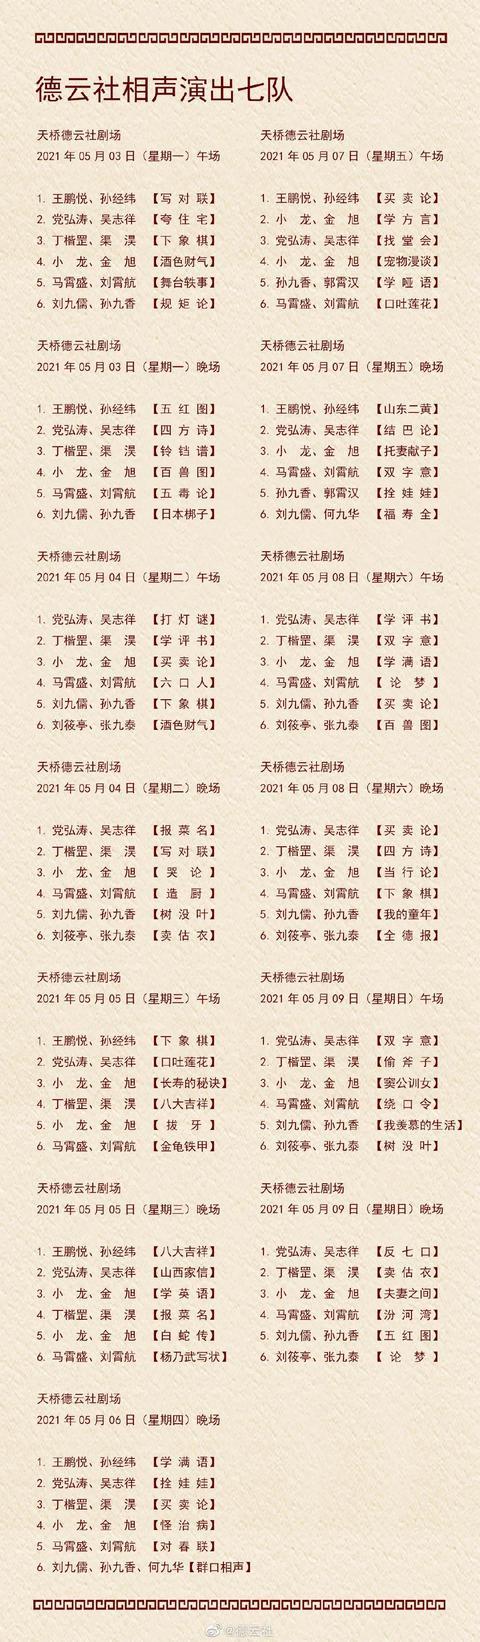 德云社演出节目单(2021年5月1日-5月9日)  全球新闻风头榜 第7张